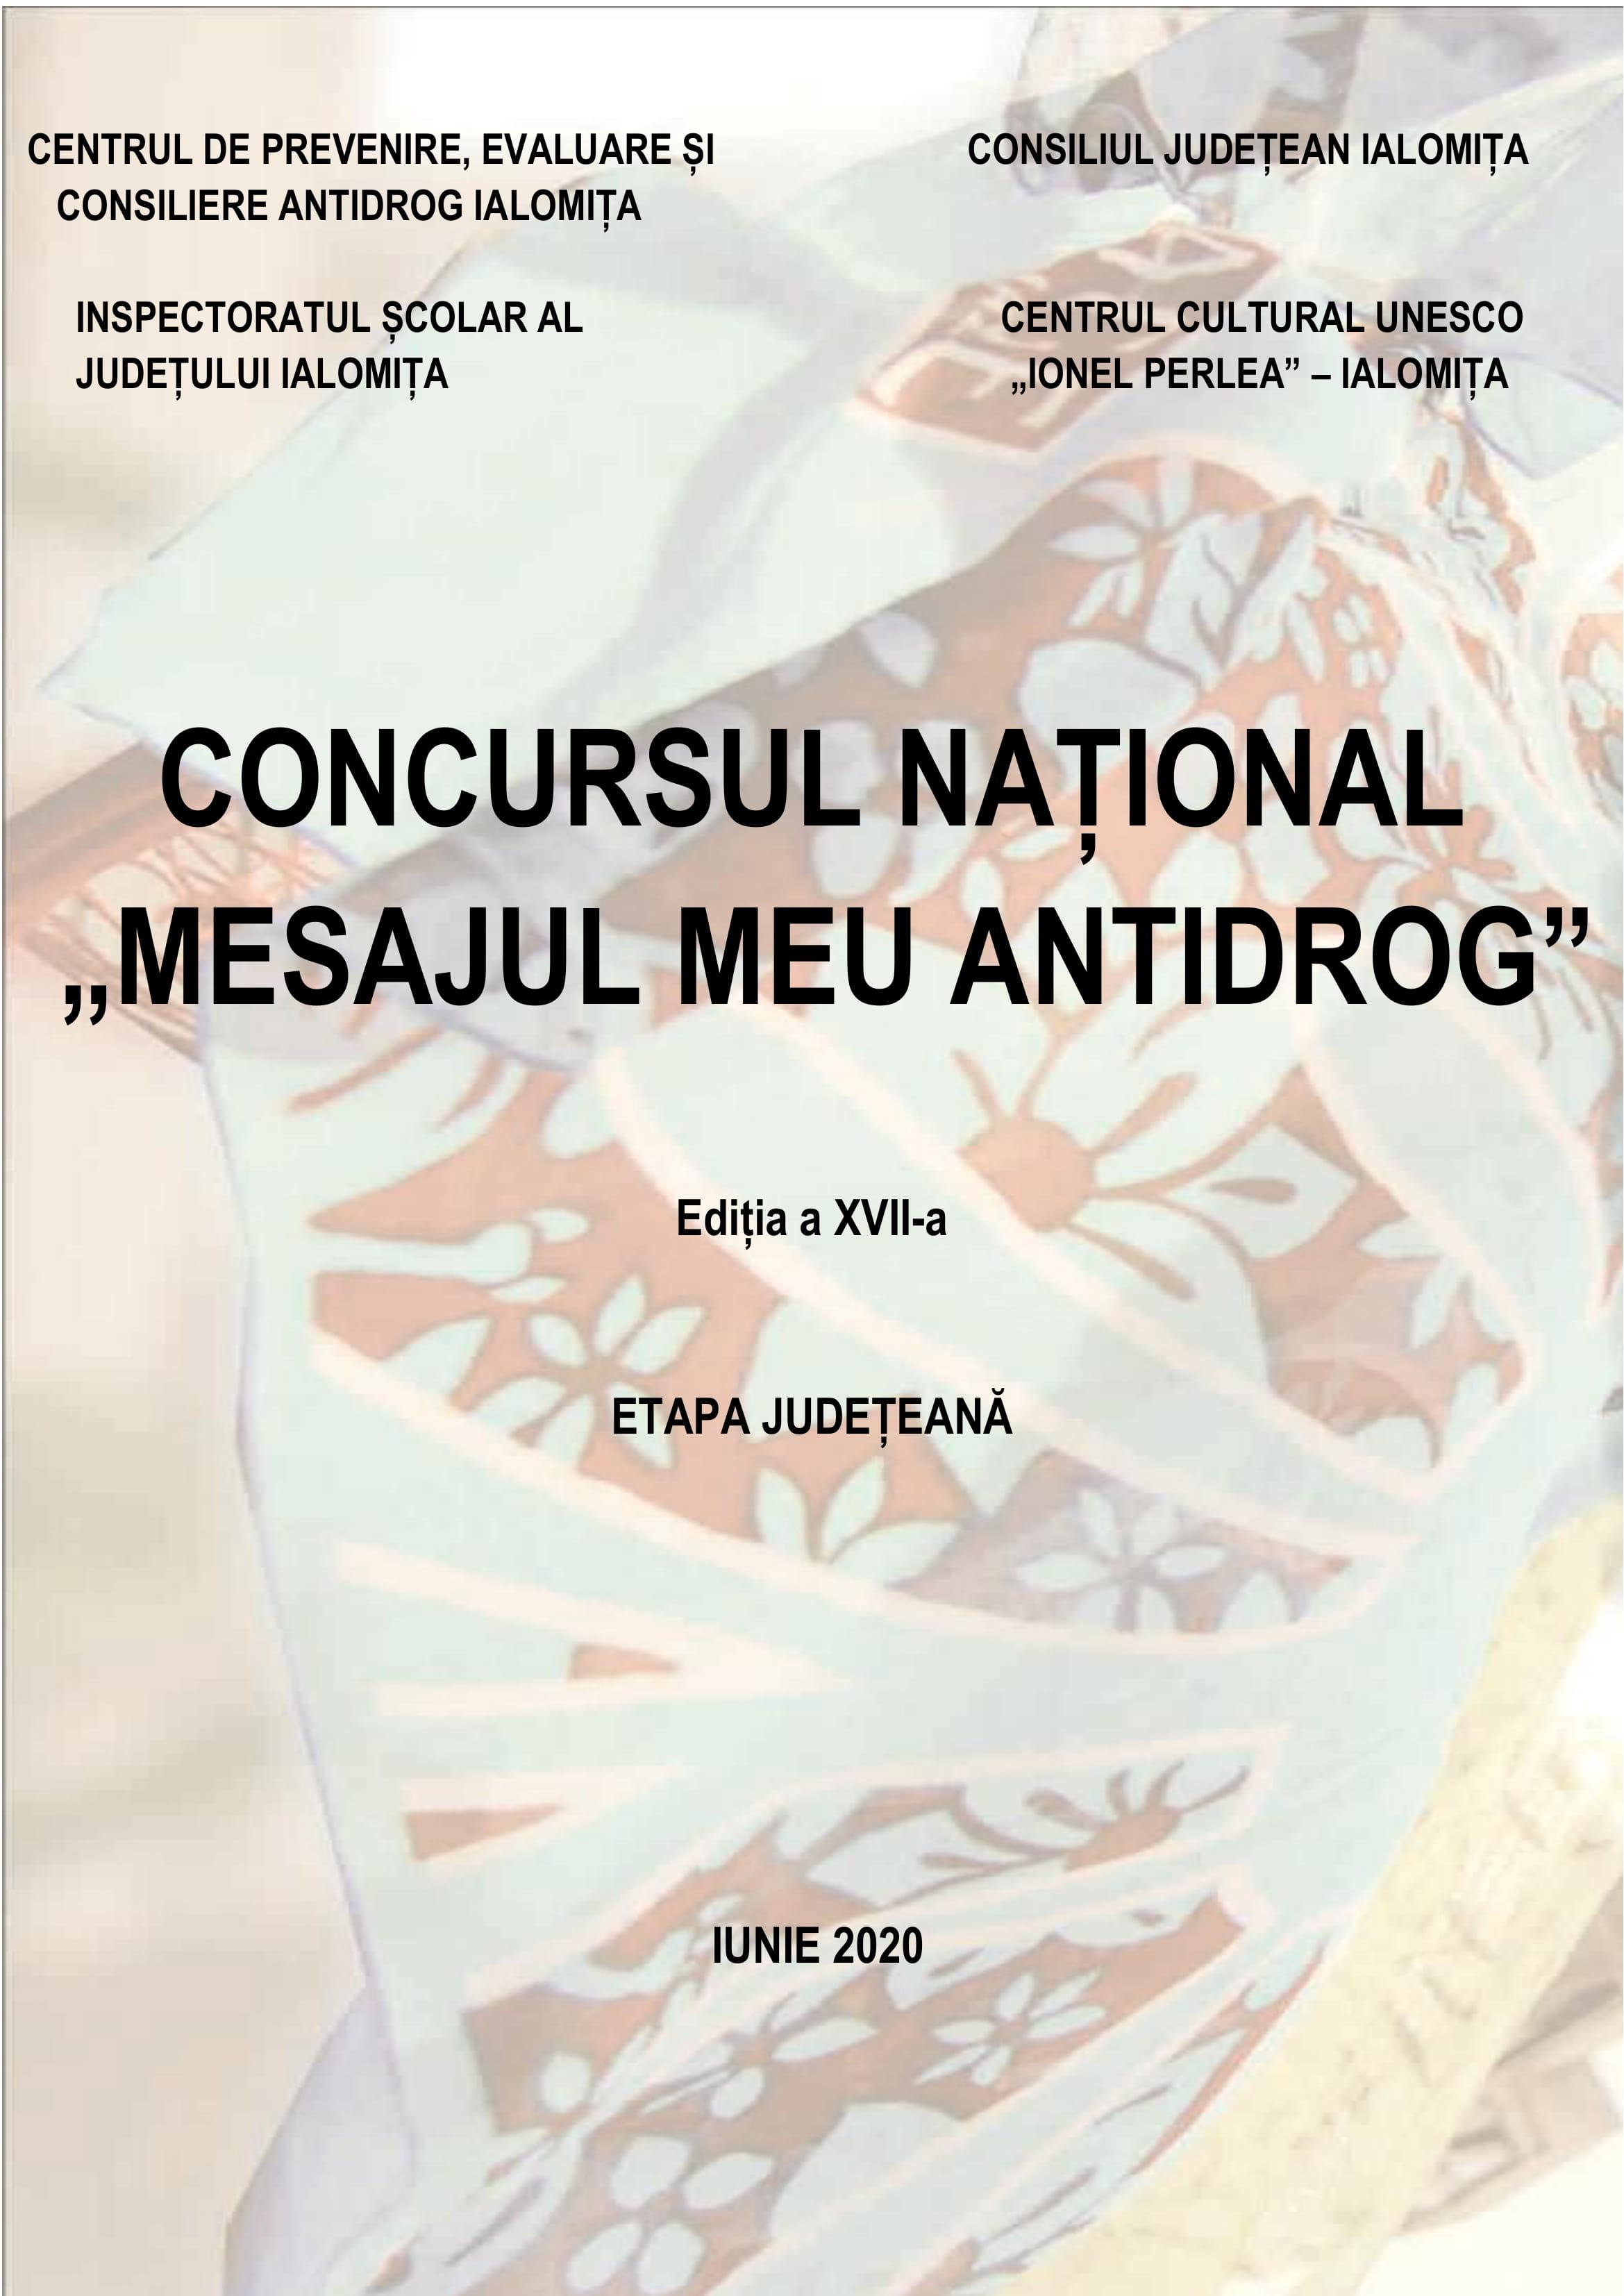 """CONCURSUL NAŢIONAL ,,MESAJUL MEU ANTIDROG"""" ediţia a XVII-a, etapa judeţeană,  IUNIE 2020"""